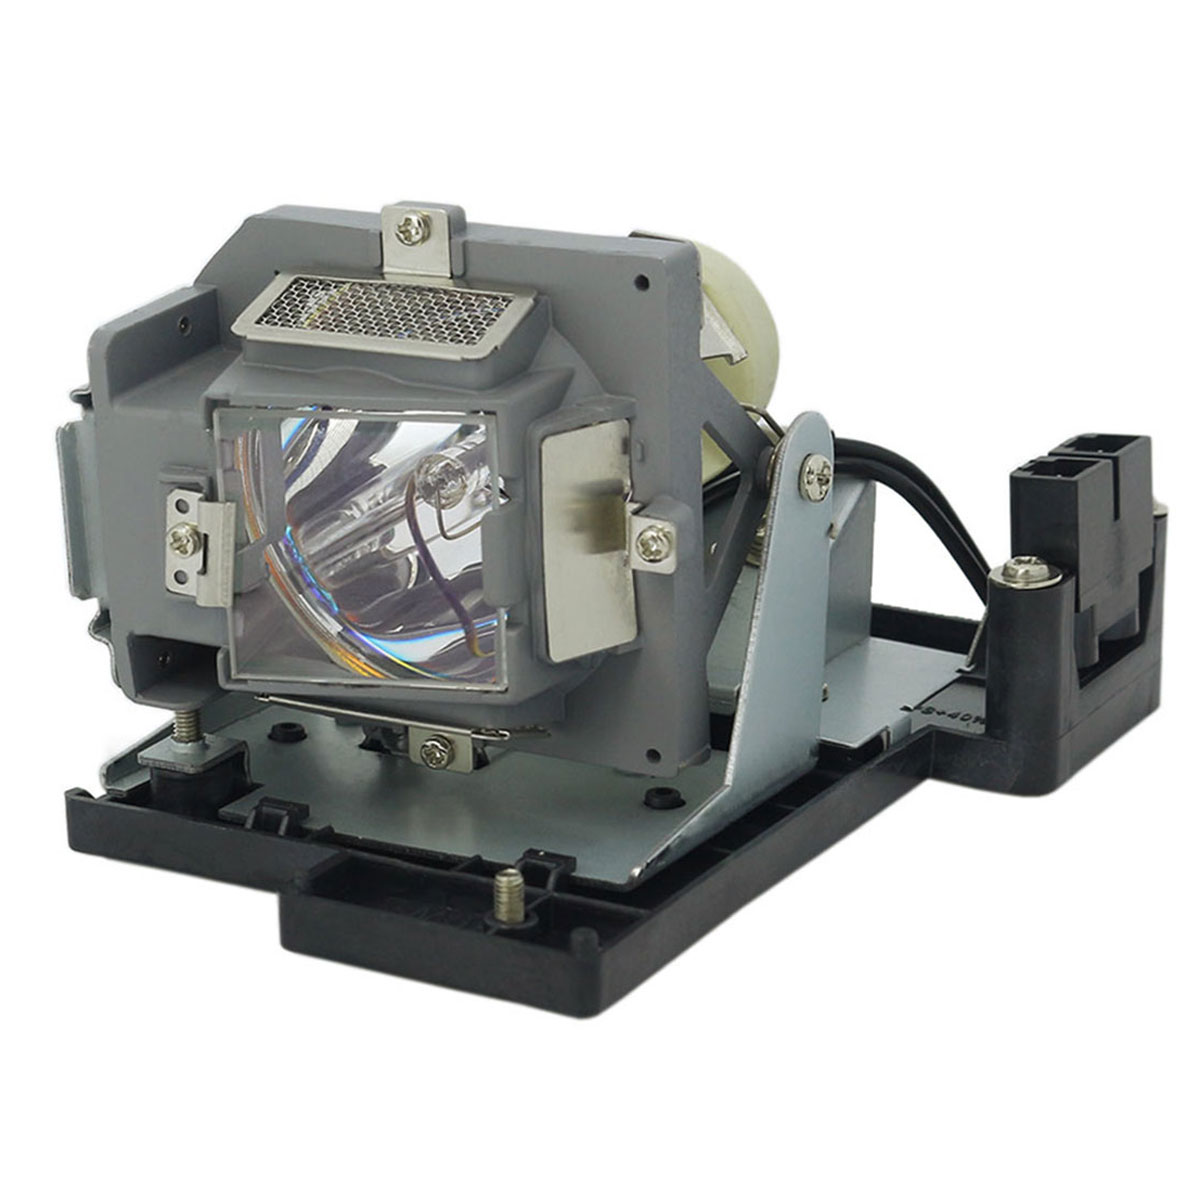 7bc64dba-a222-11e9-8d7c-4cedfbbbda4e X-Dr 1SS106 12V 10A Axial Lead Zener Diodes DIP Voltage Regulators 10 Pcs